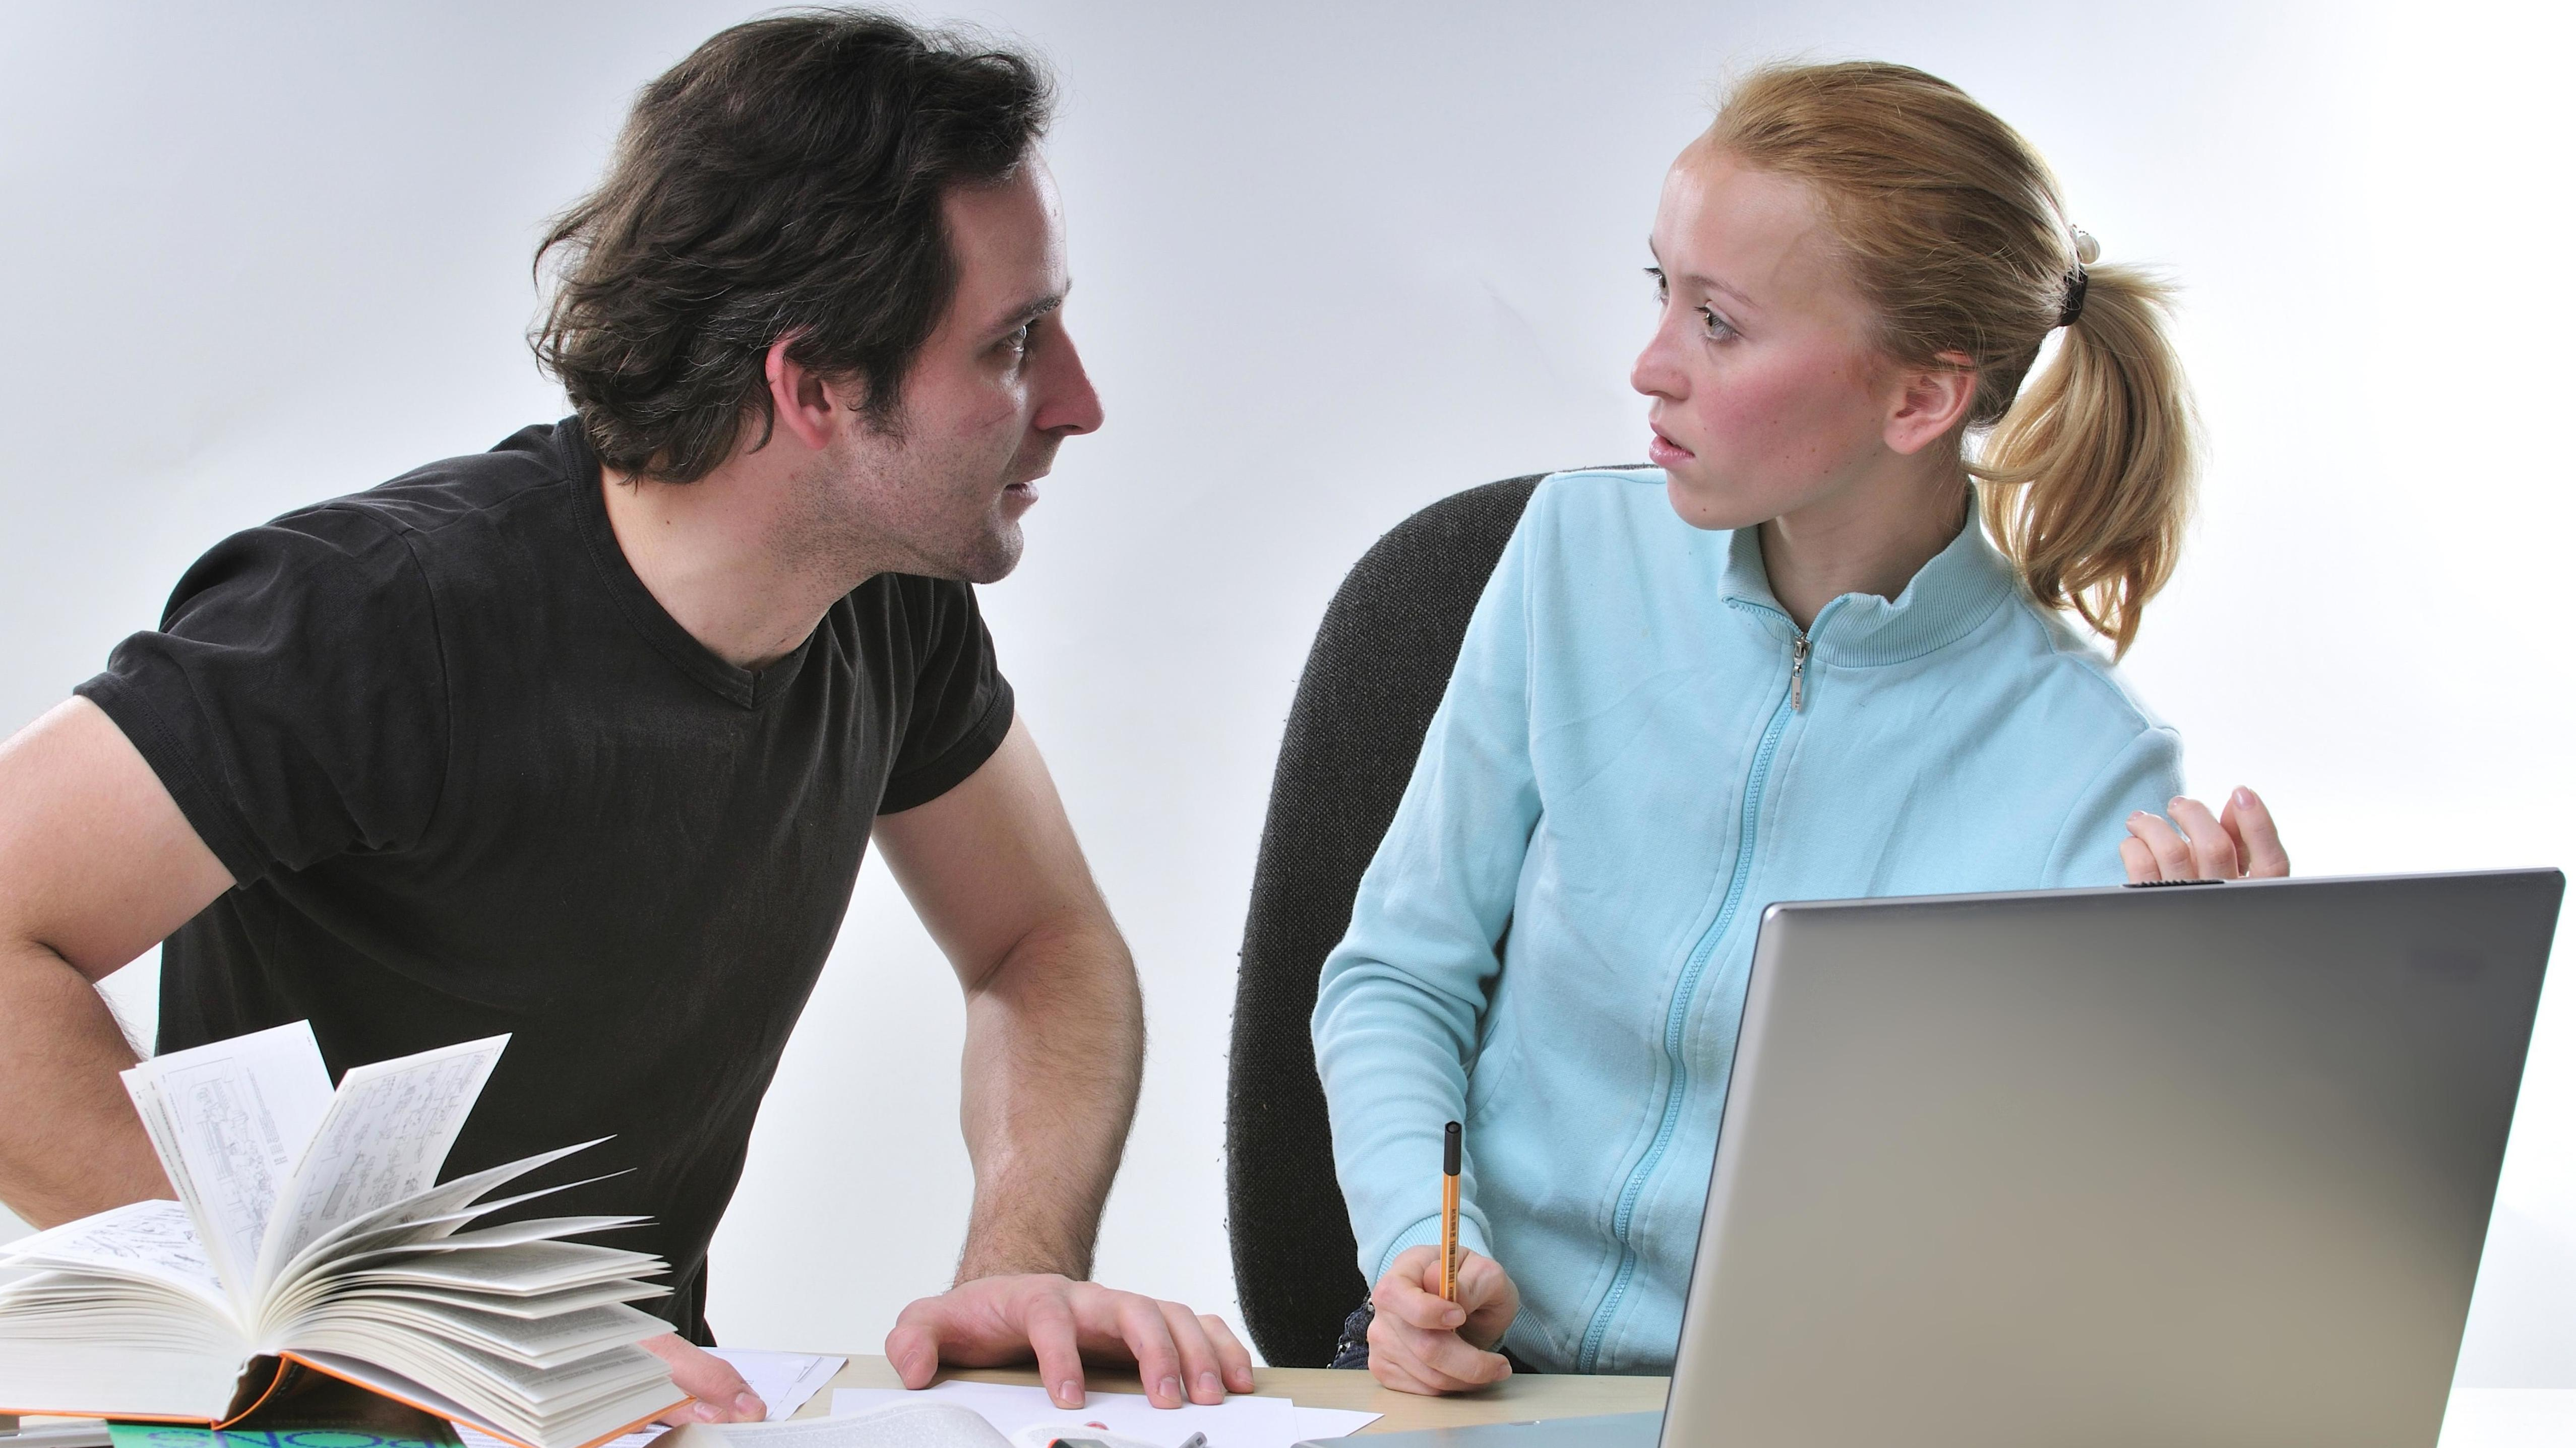 Mann und Frau am Arbeitsplatz